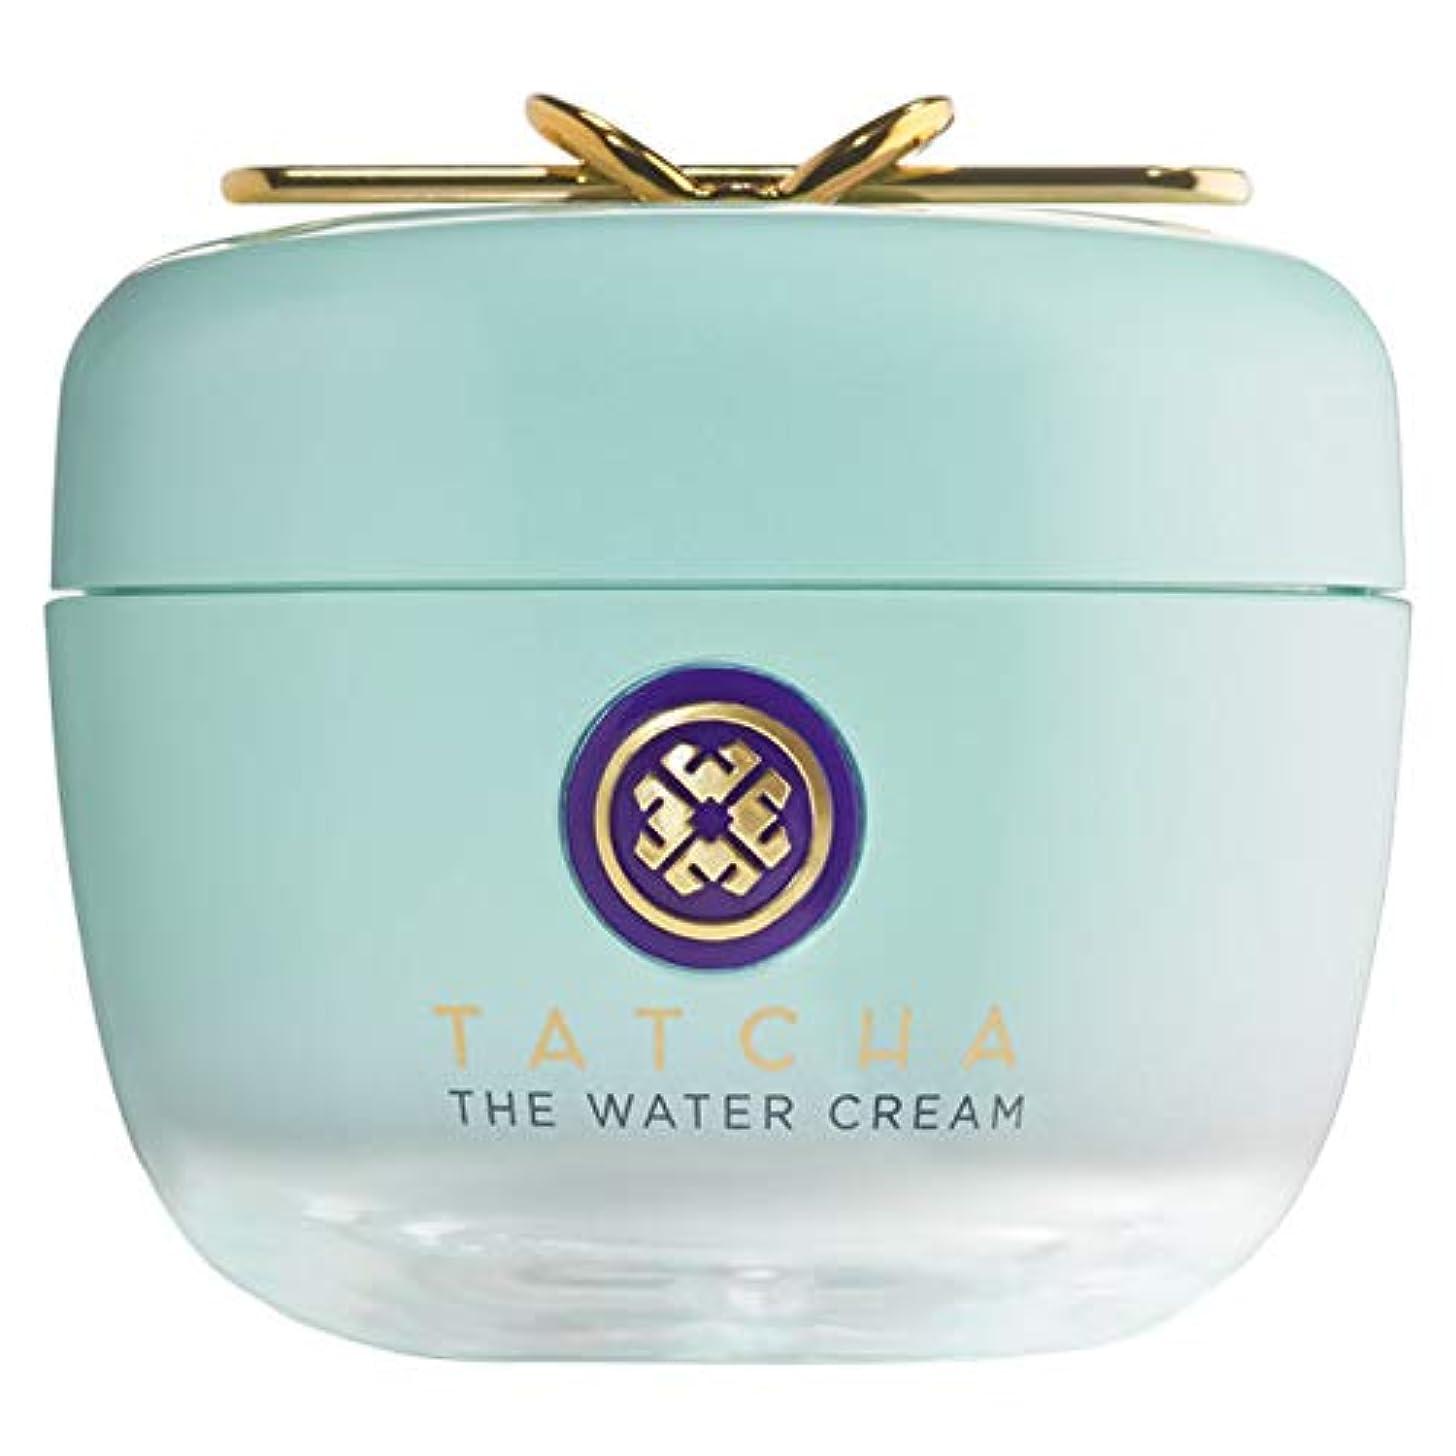 レパートリー置くためにパック店主TATCHA The Water Cream 50ml タチャ ウォータークリーム